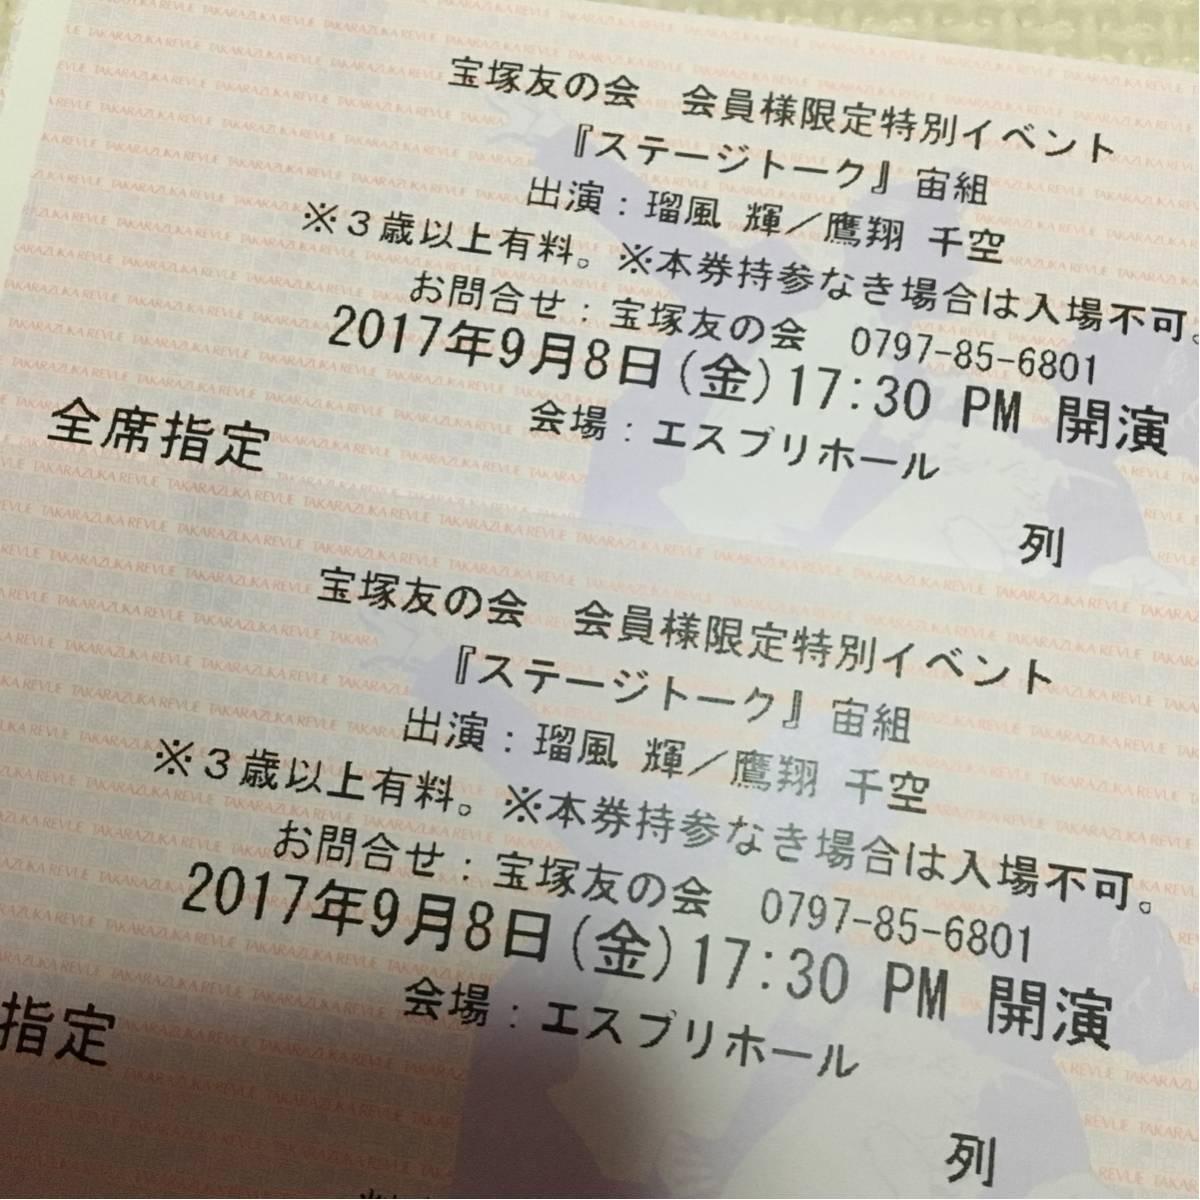 9月8日(金)17:30開演 宙組「ステージトーク」2枚